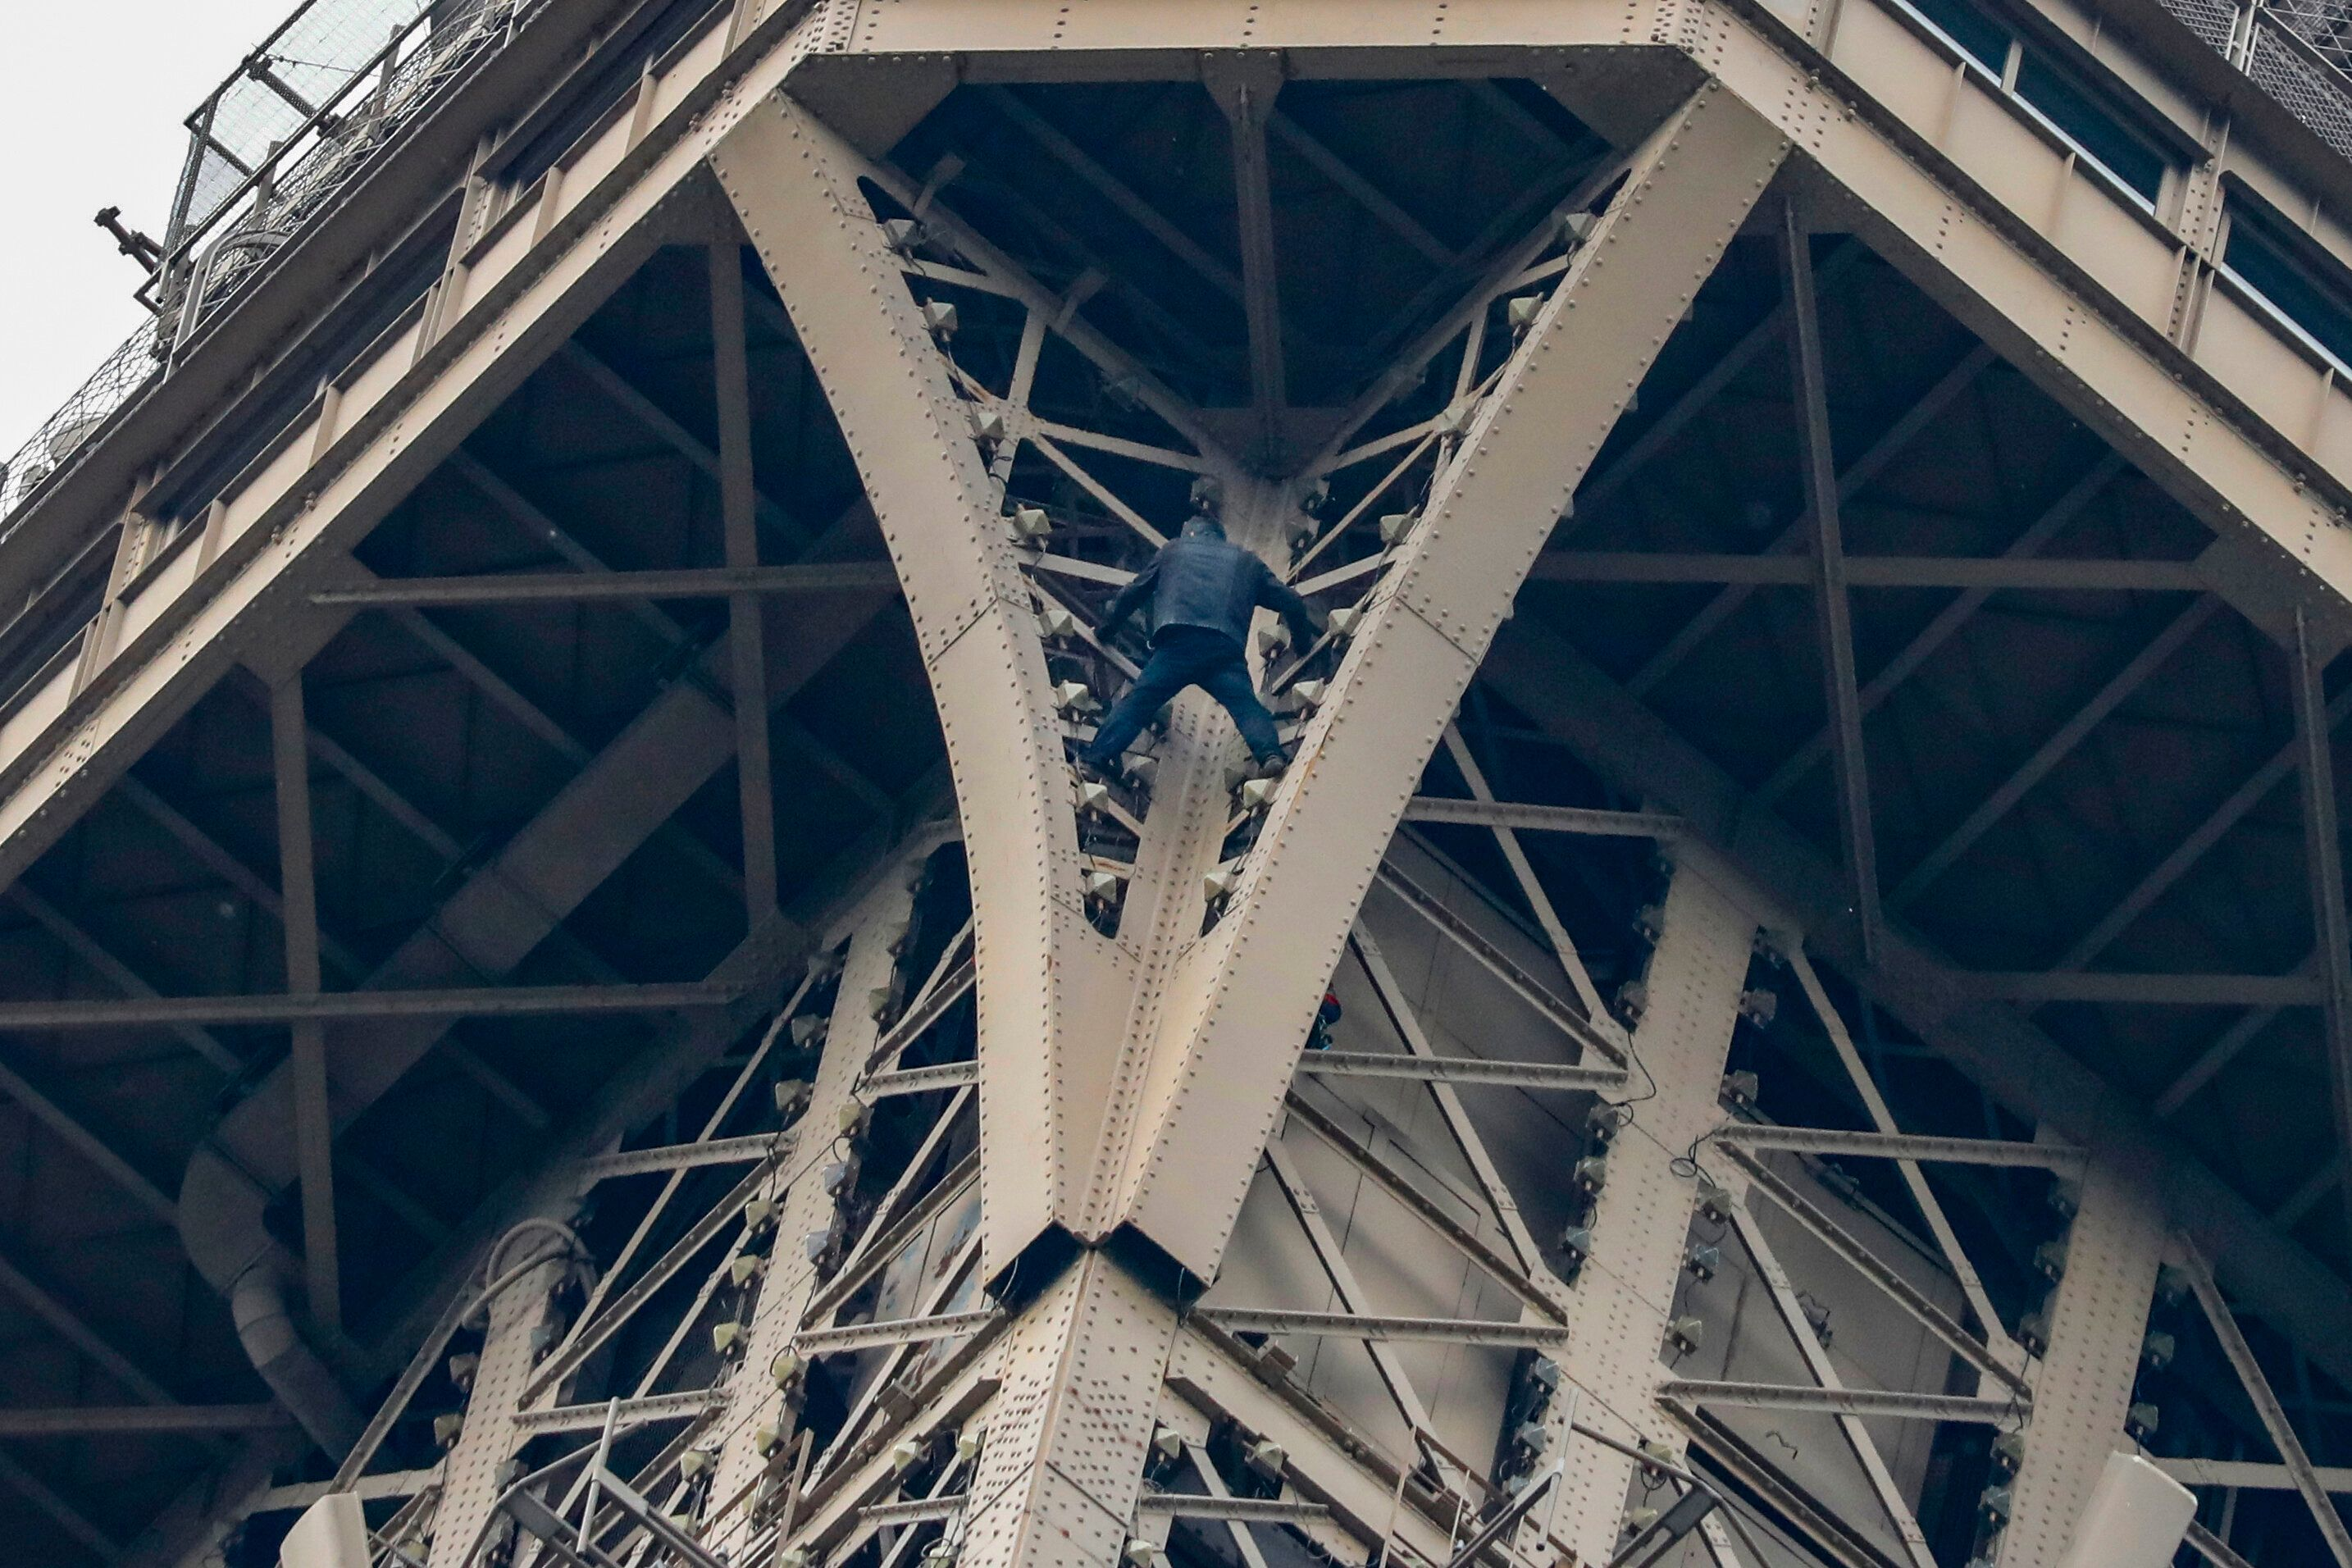 Climber Shuts Down Eiffel Tower